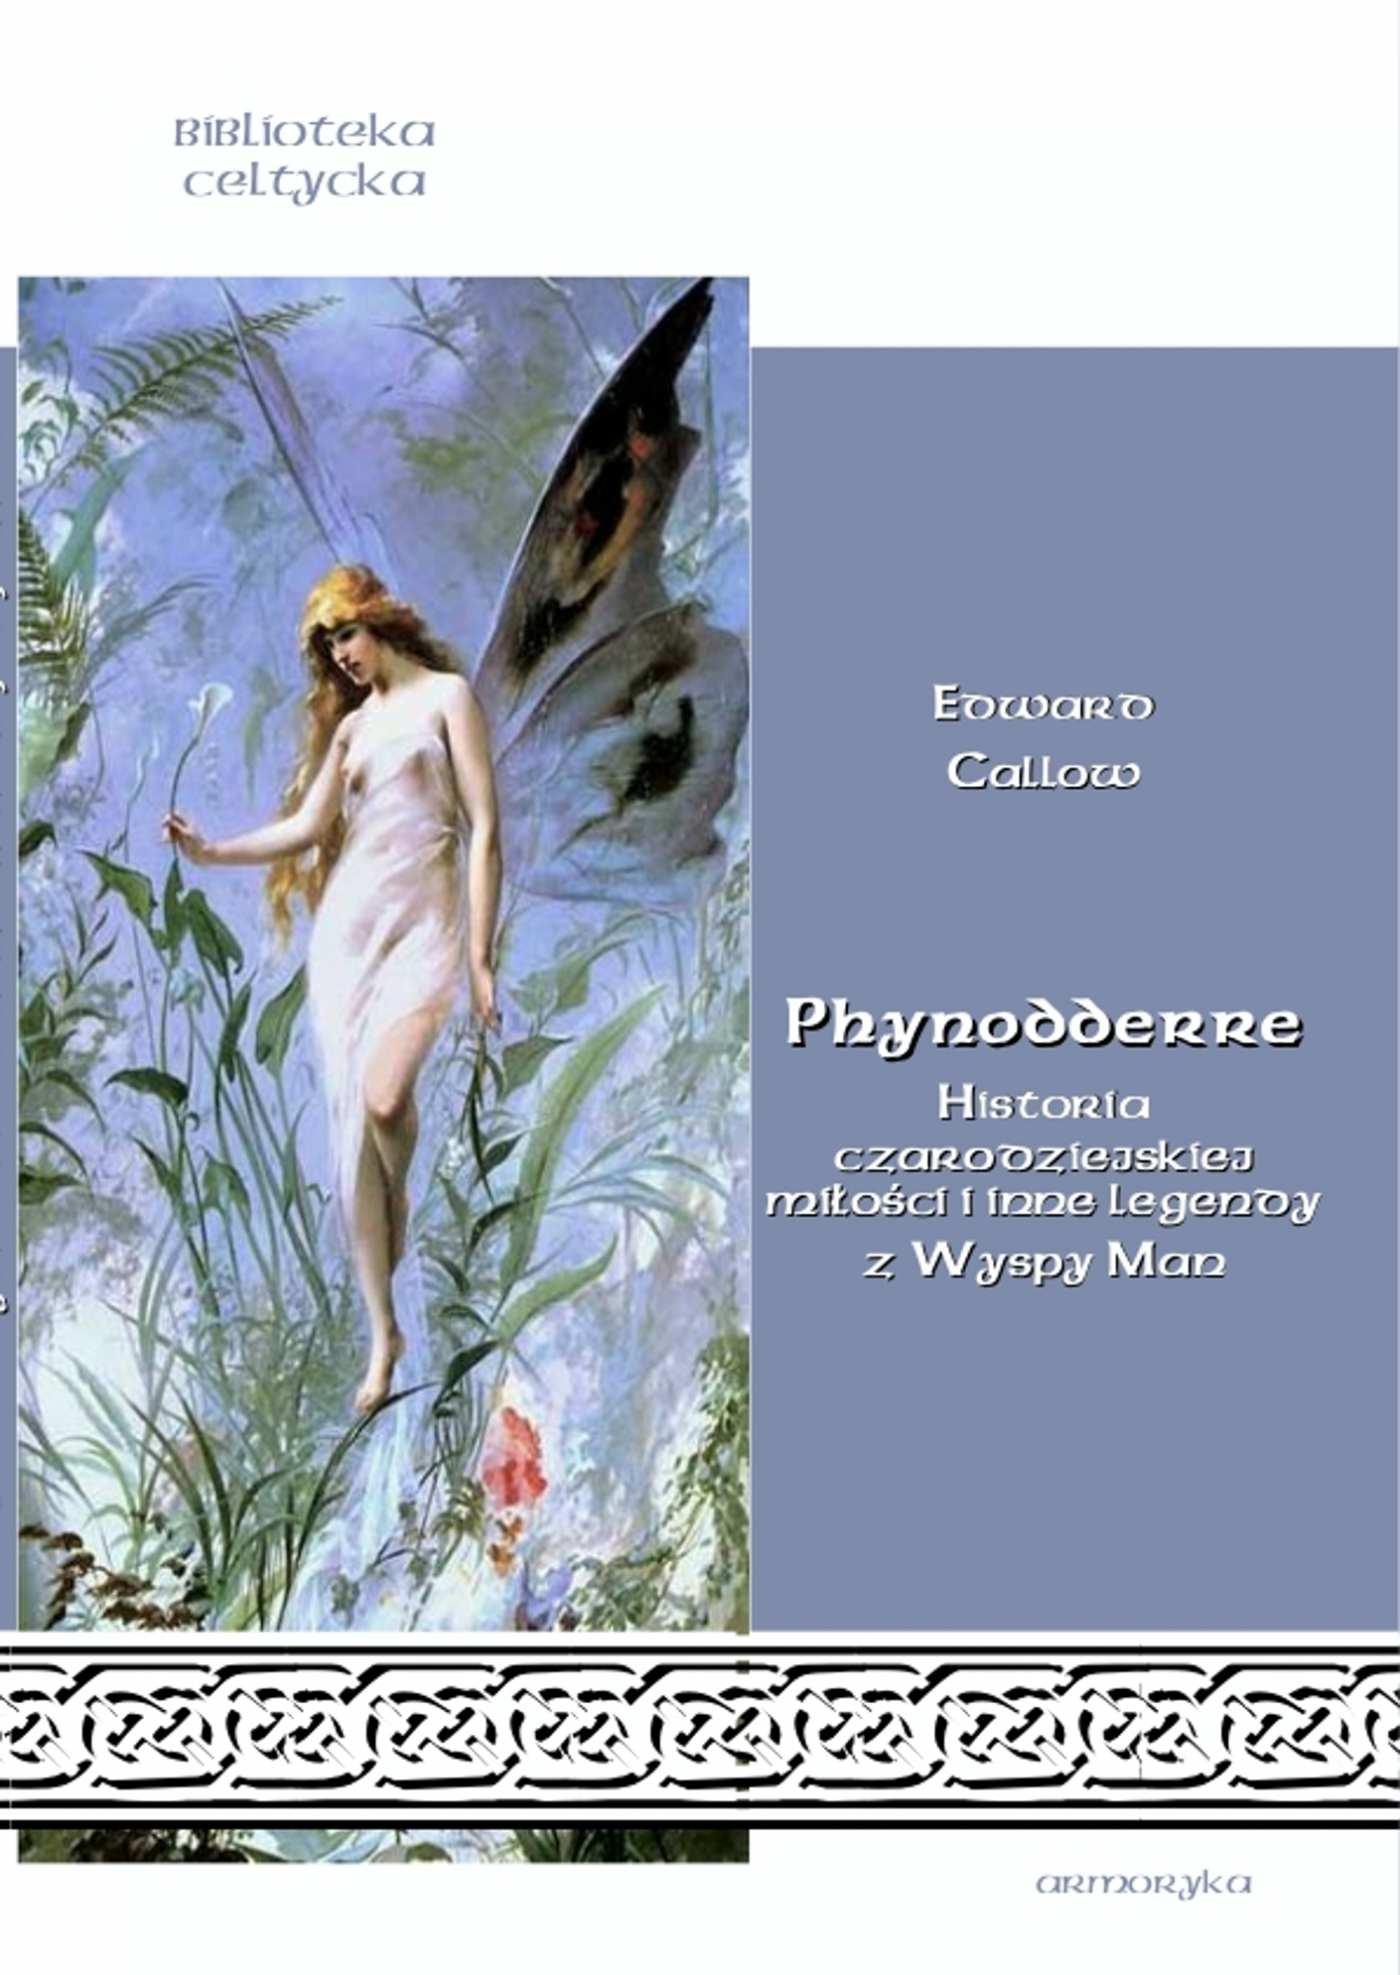 Phynodderre. Historia czarodziejskiej miłości i inne legendy z Wyspy Man - Ebook (Książka EPUB) do pobrania w formacie EPUB